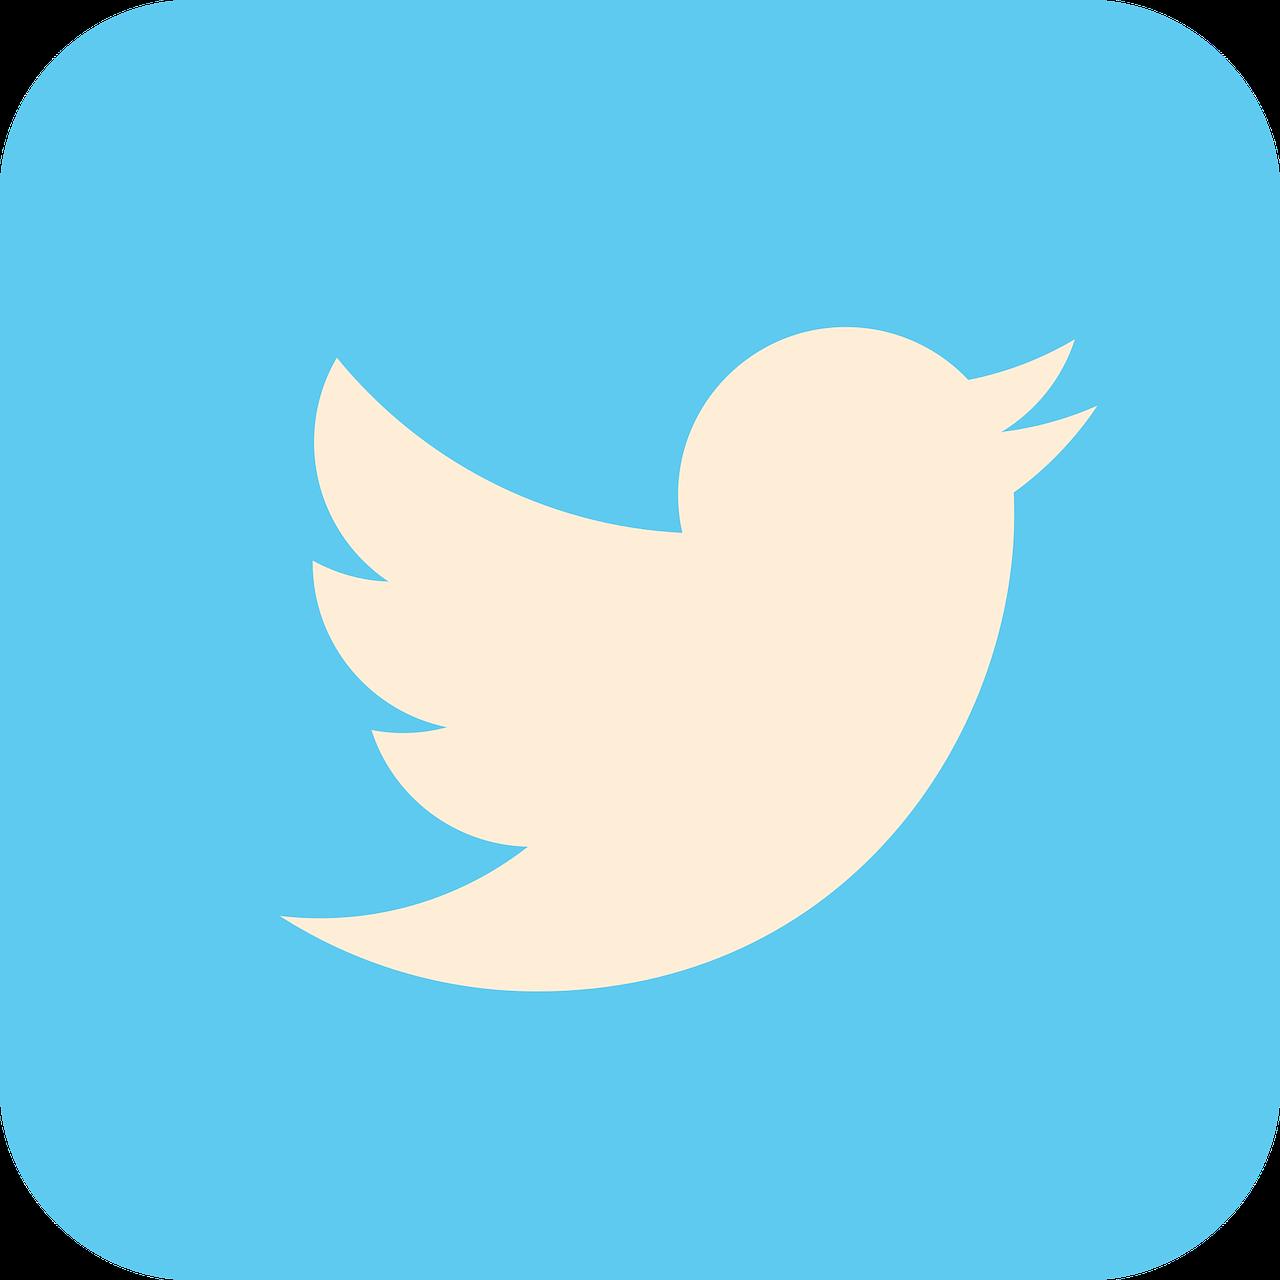 Twitterアカウントを保護するための方法について